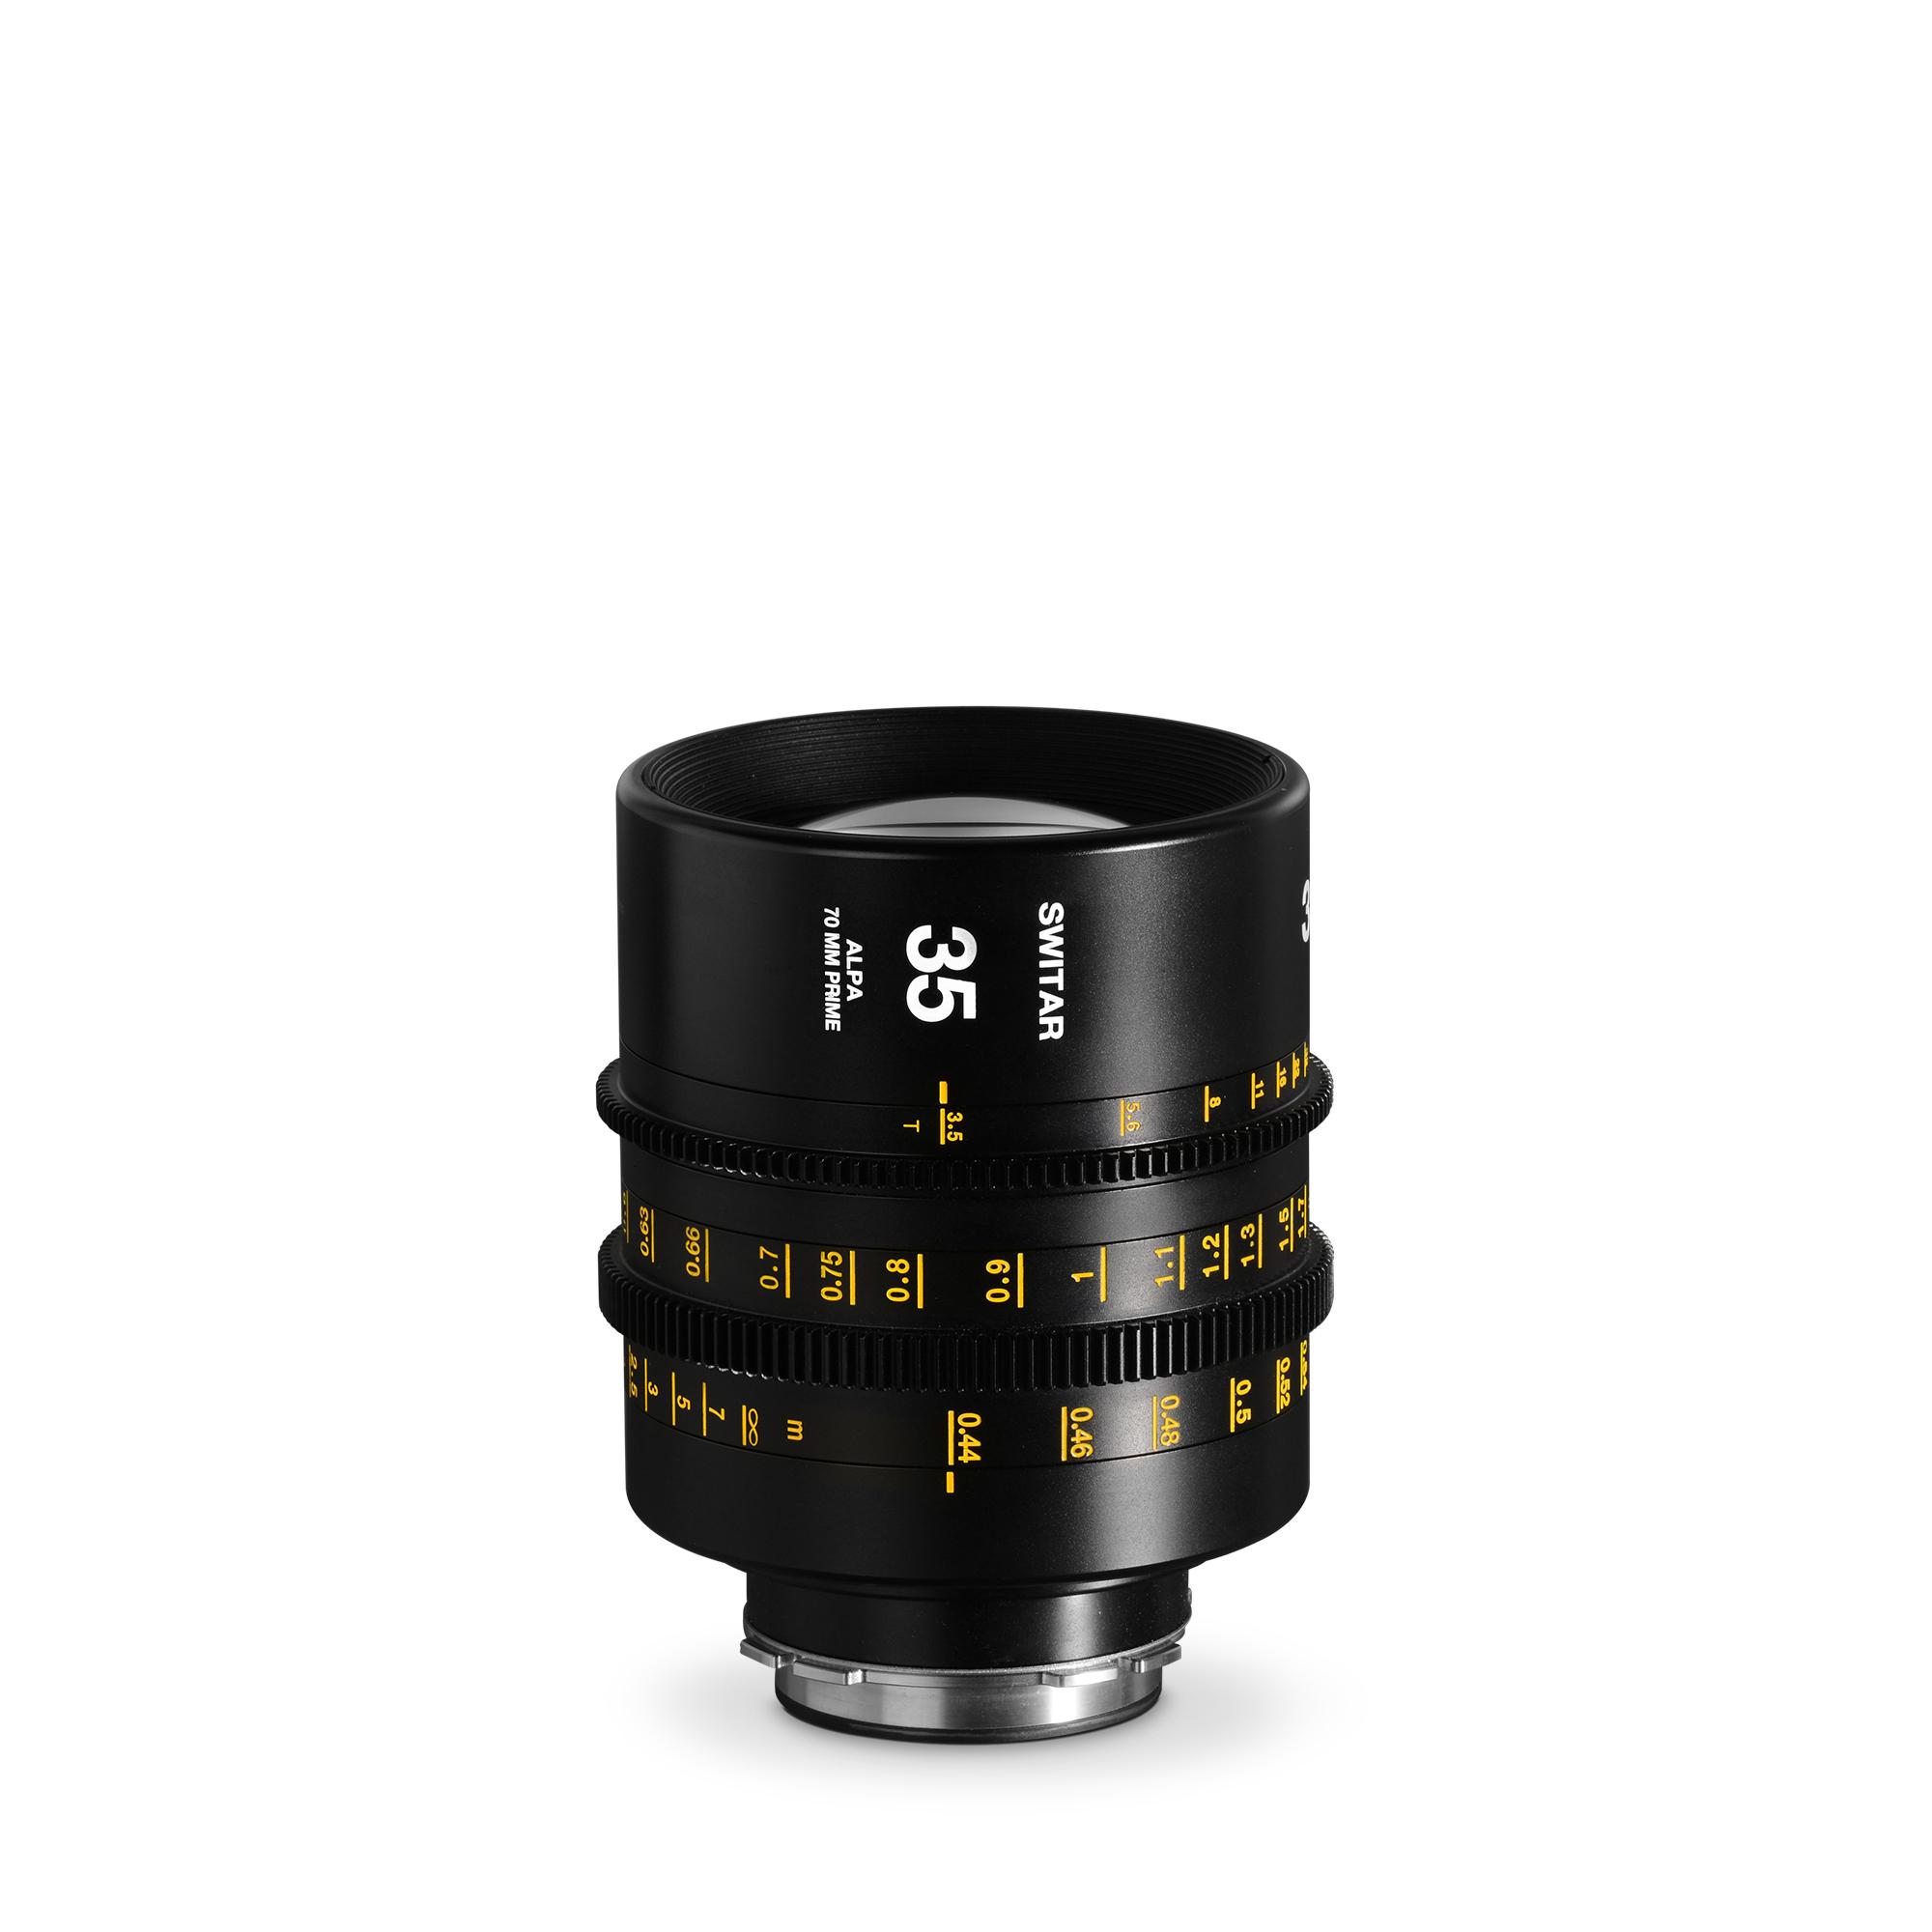 ALPA Switar 3.5/35 mm Cine Prime IC 70 mm - meters